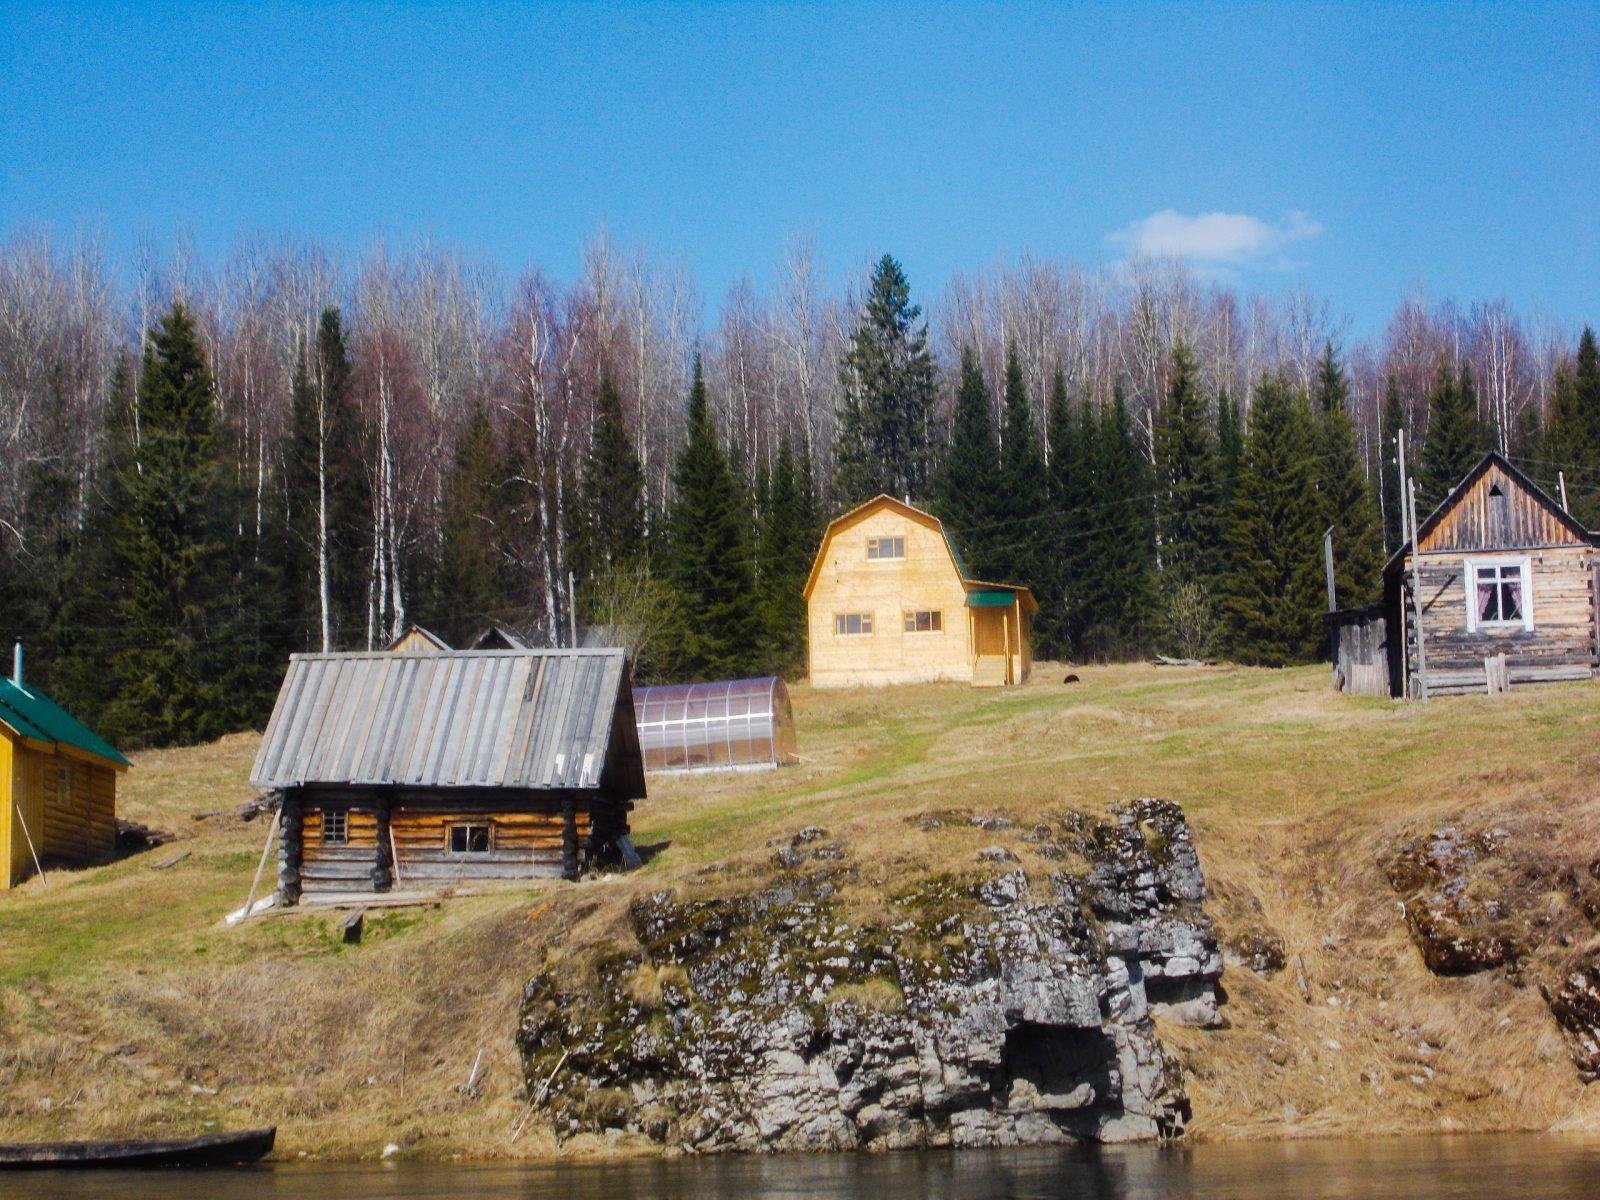 Печоро-Илычский заповедник